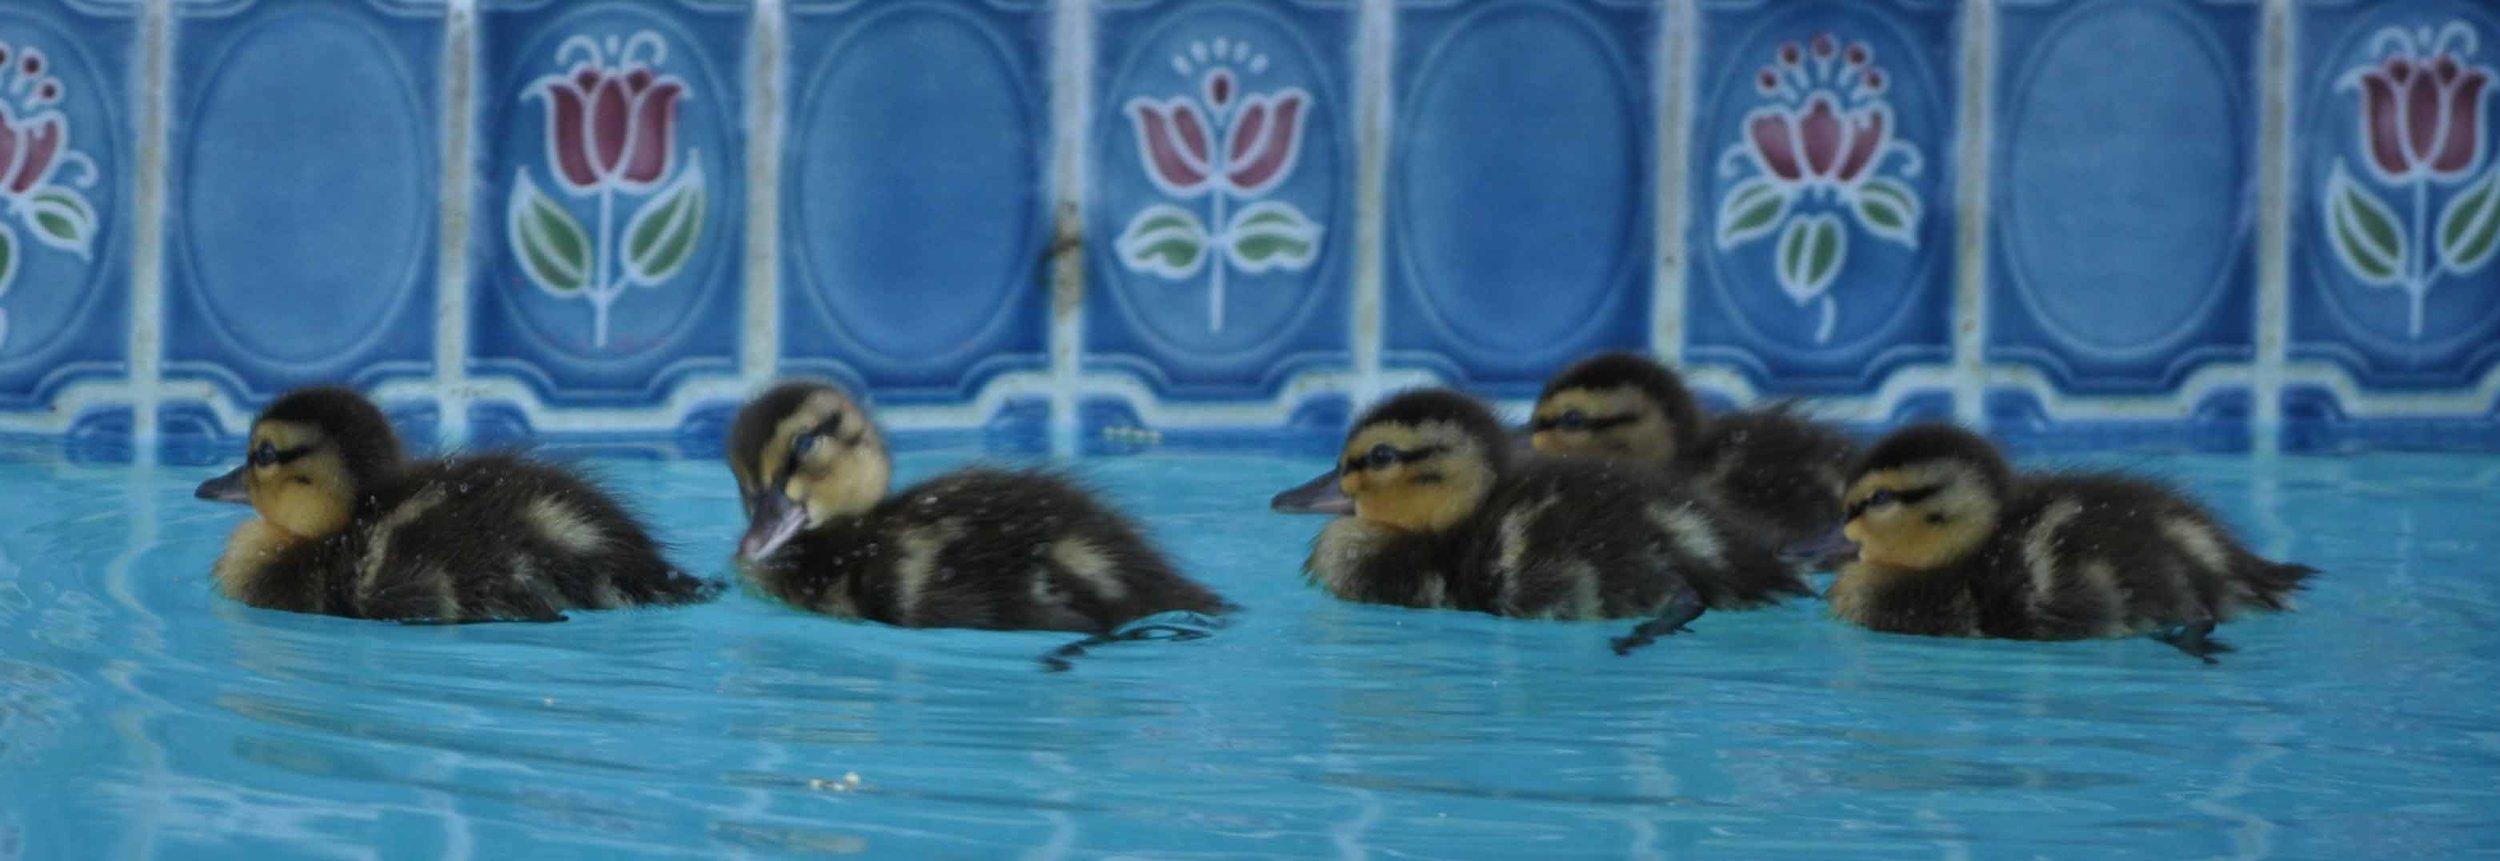 5-Ducklings